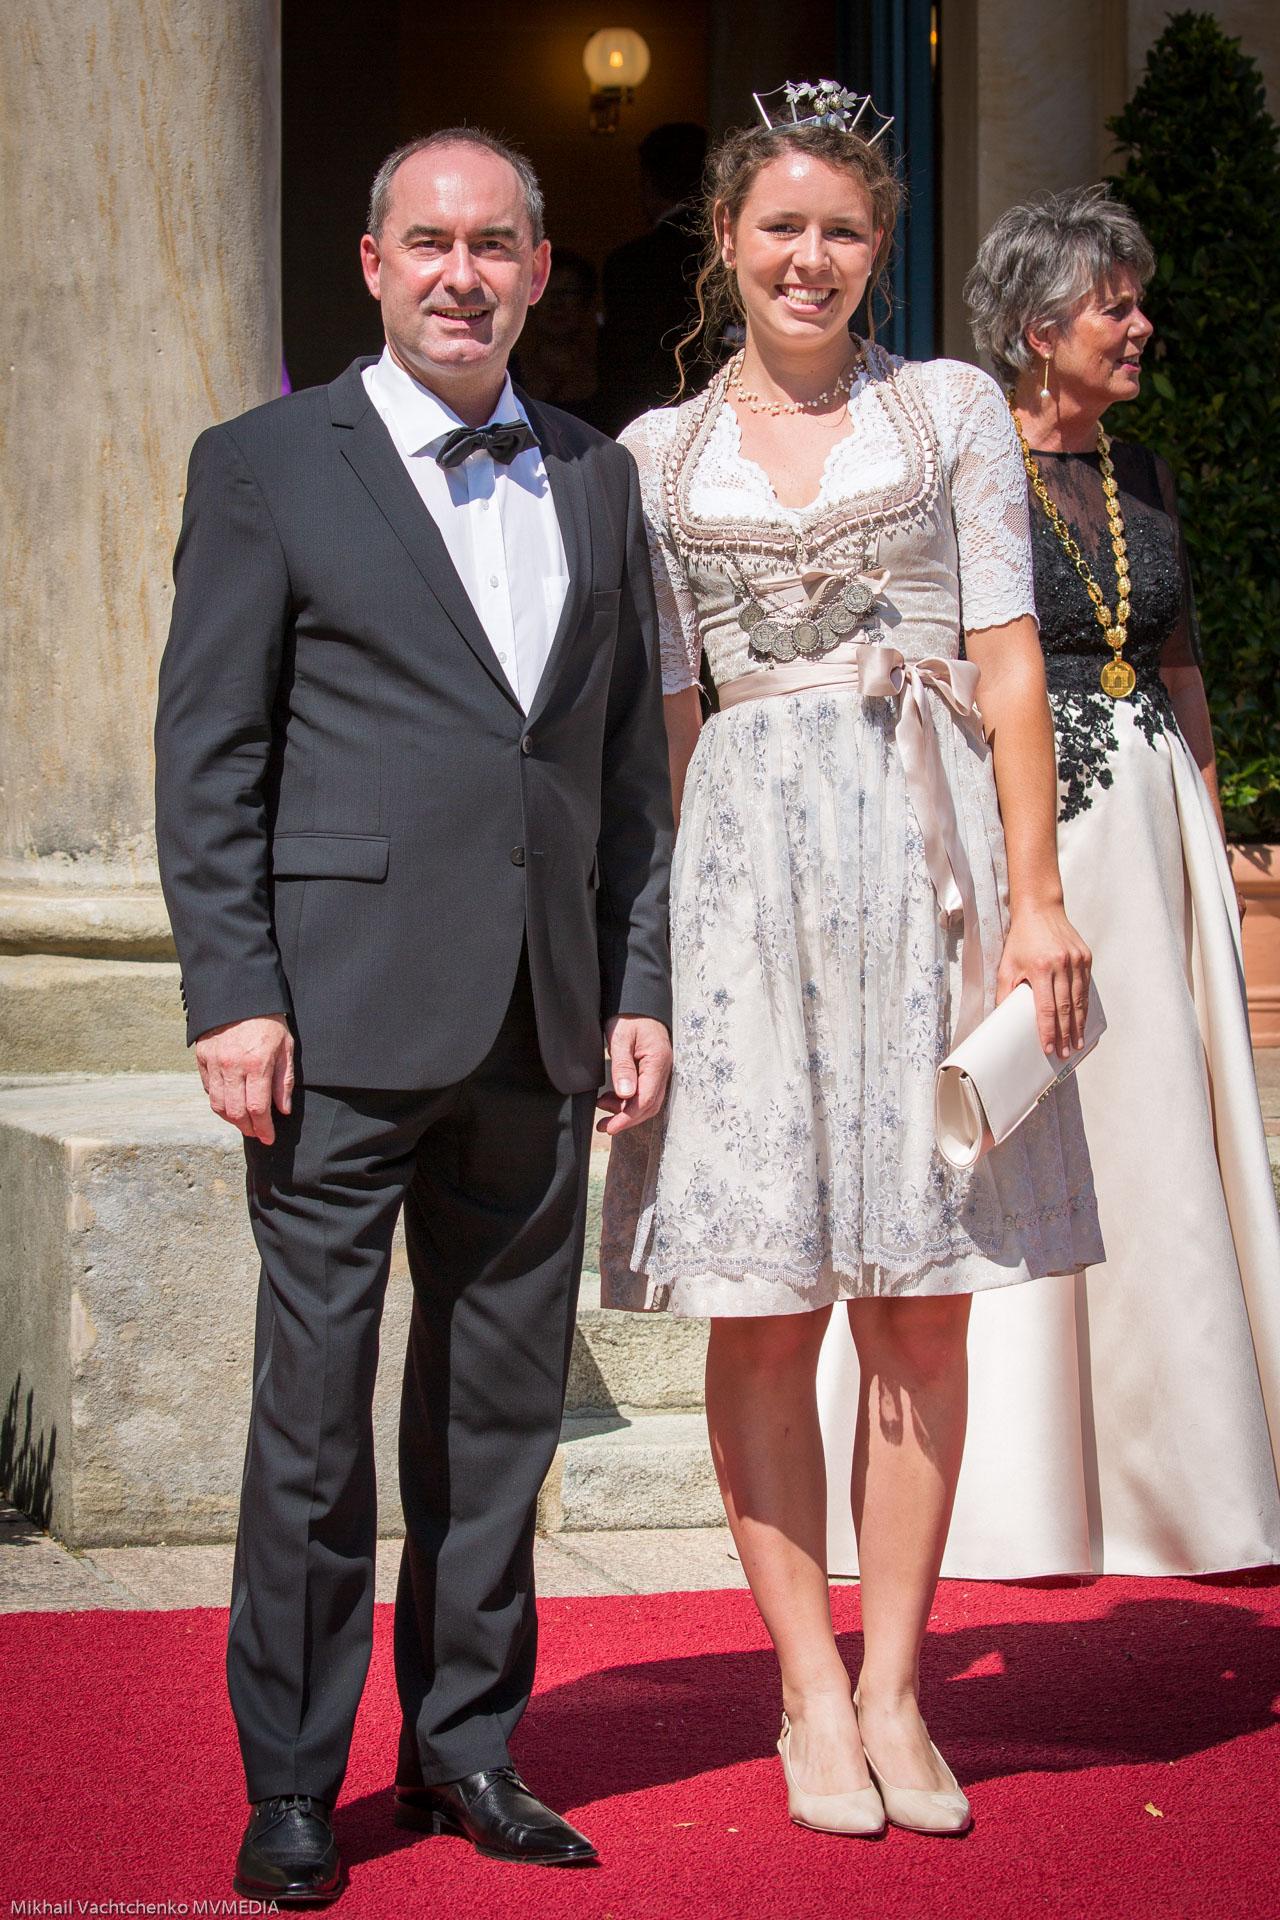 """Хьюберт Айвангер, государственный министр по экономическим вопросам,  региональному развитию и энергетике Баварии, с королевой """"Хмеля""""  Халлертау Катариной Майер в дирндле и с маленькой короной"""